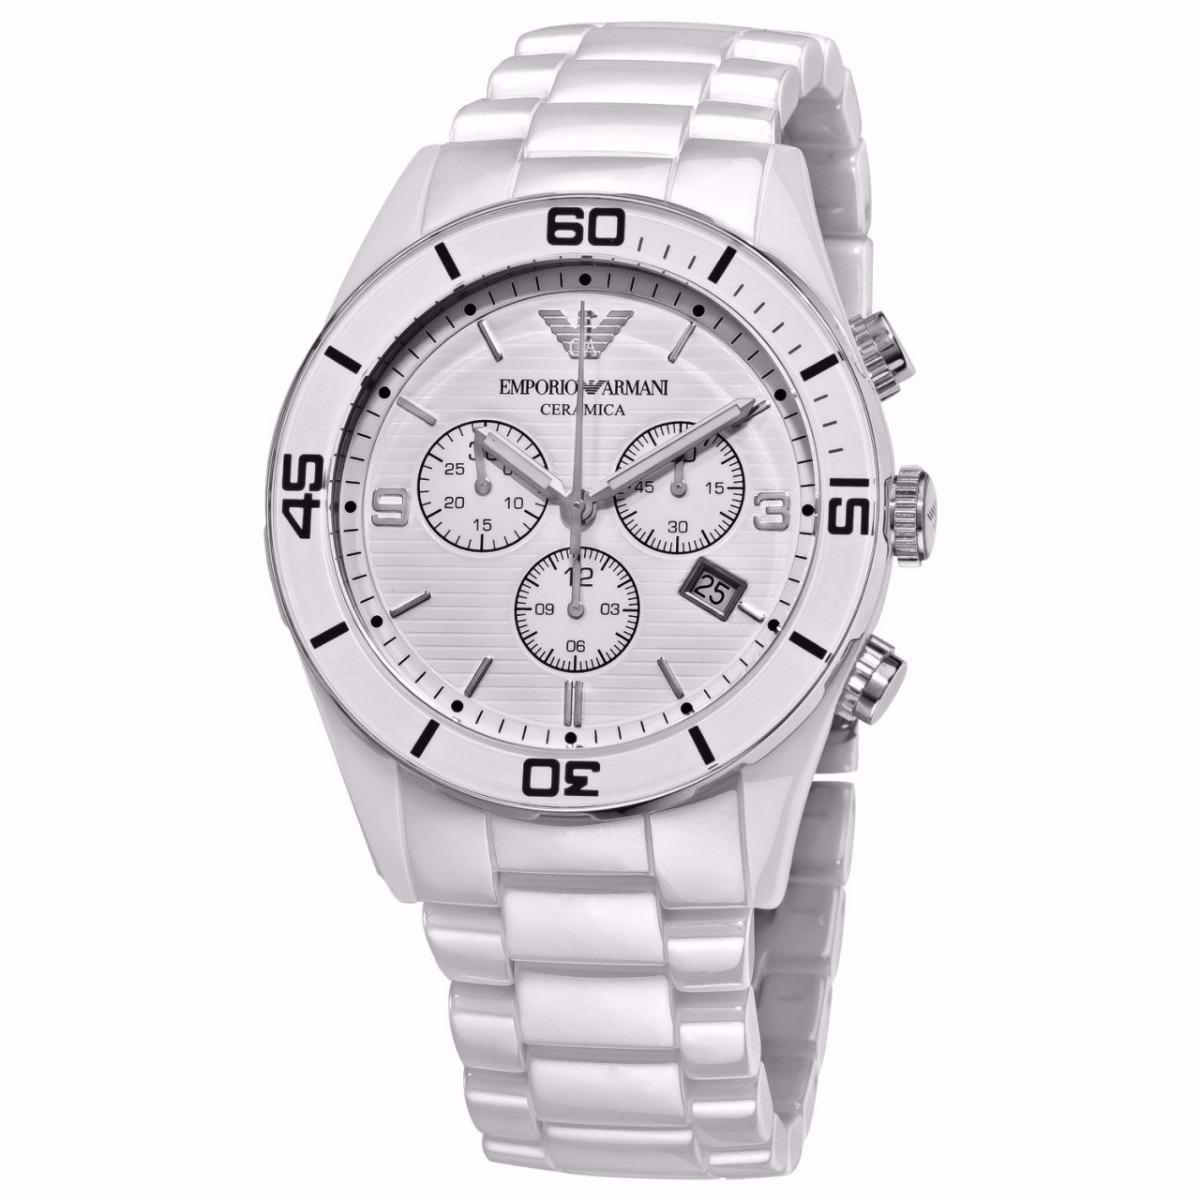 087cc644fc8 relógio empório armani ar1424 ceramica branco completo. Carregando zoom.